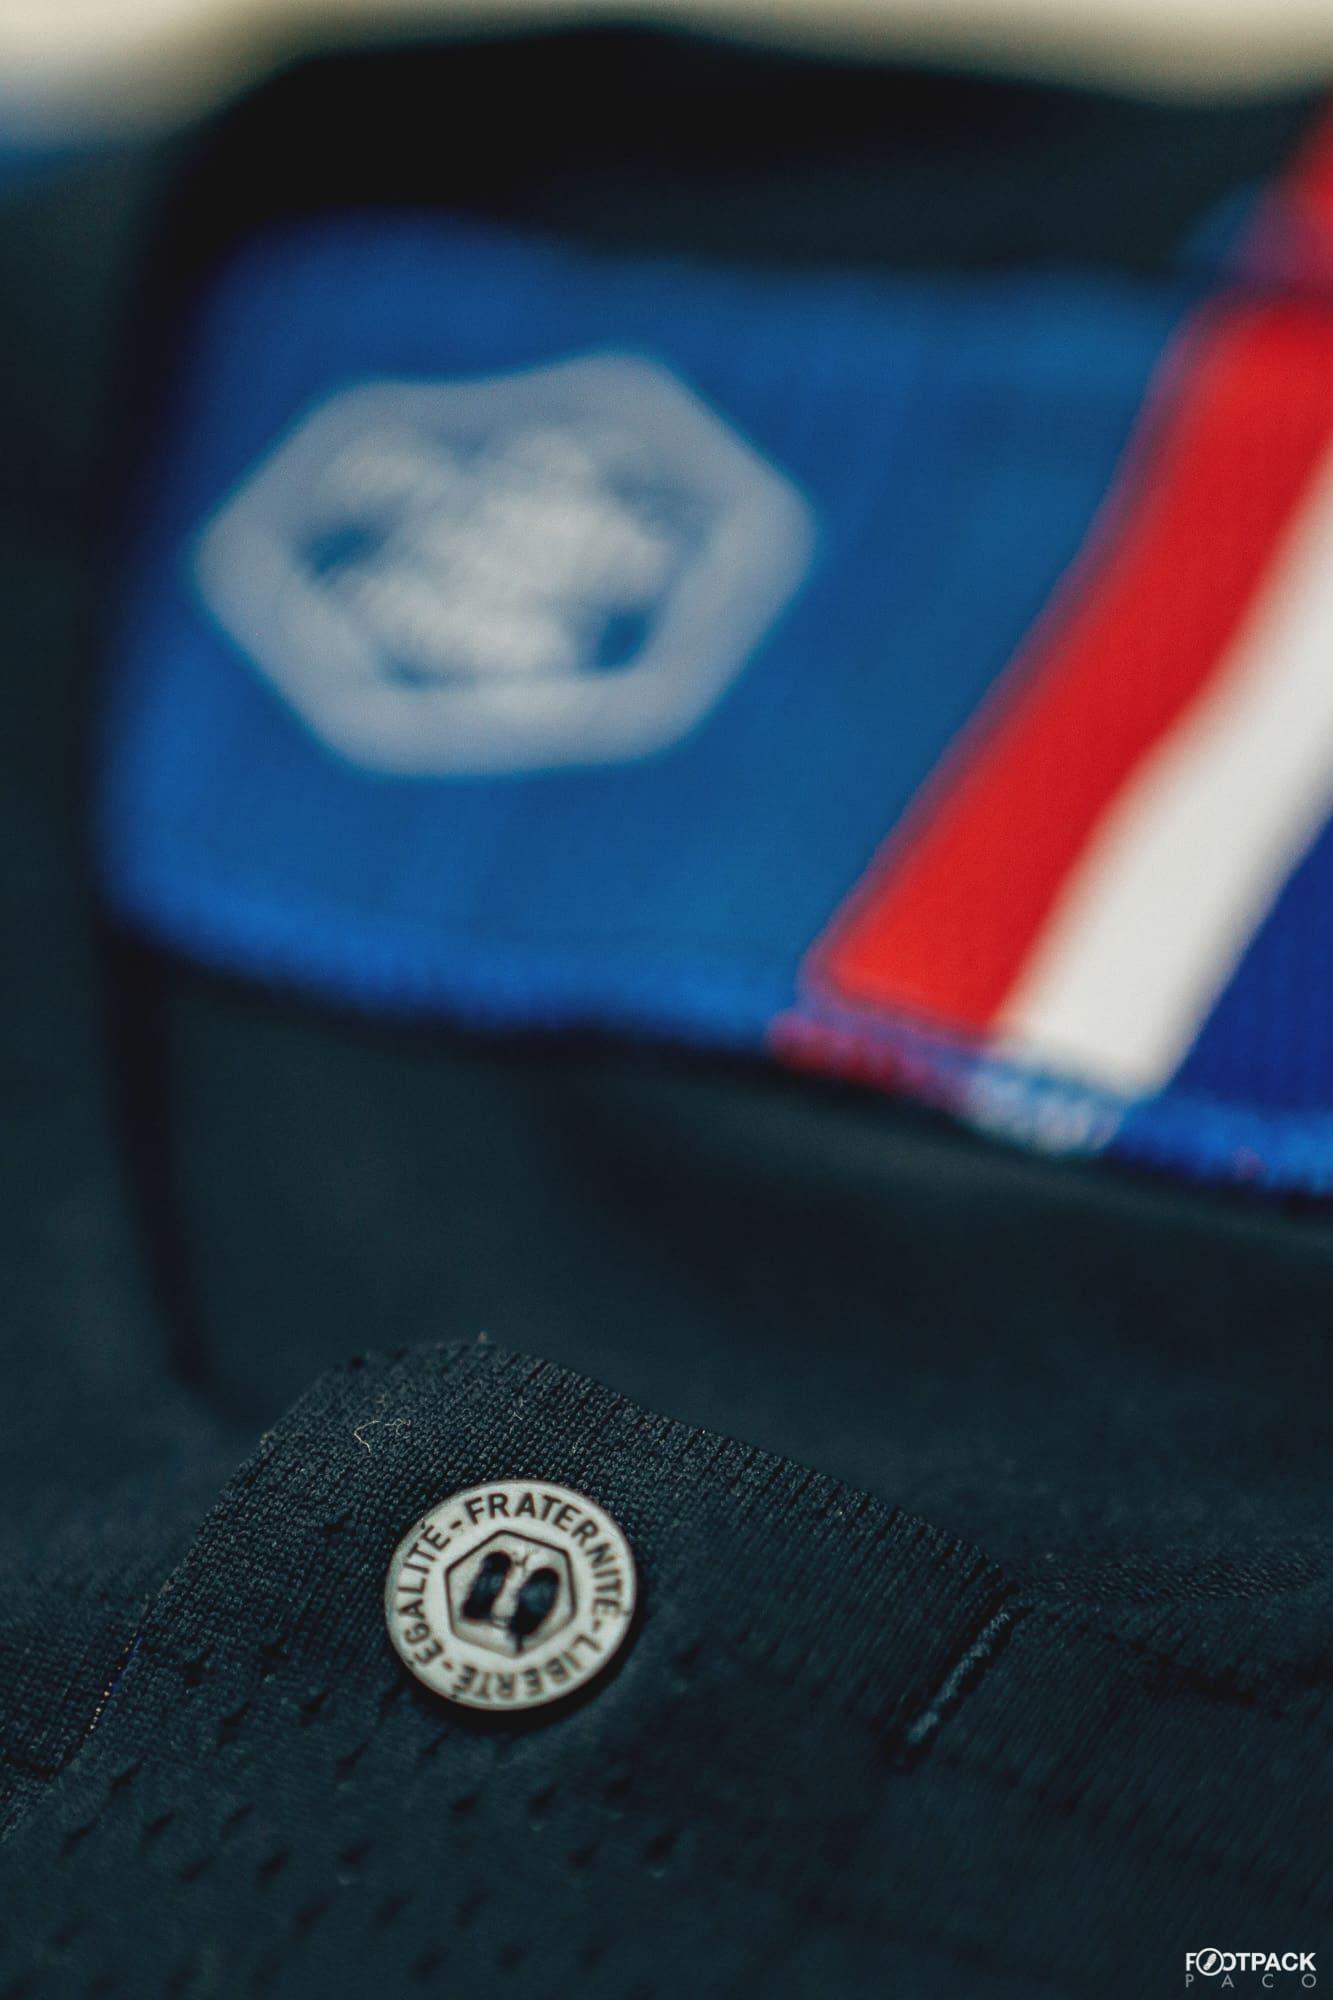 maillot-domicile-equipe-de-france-coupe-du-monde-2018-boutons